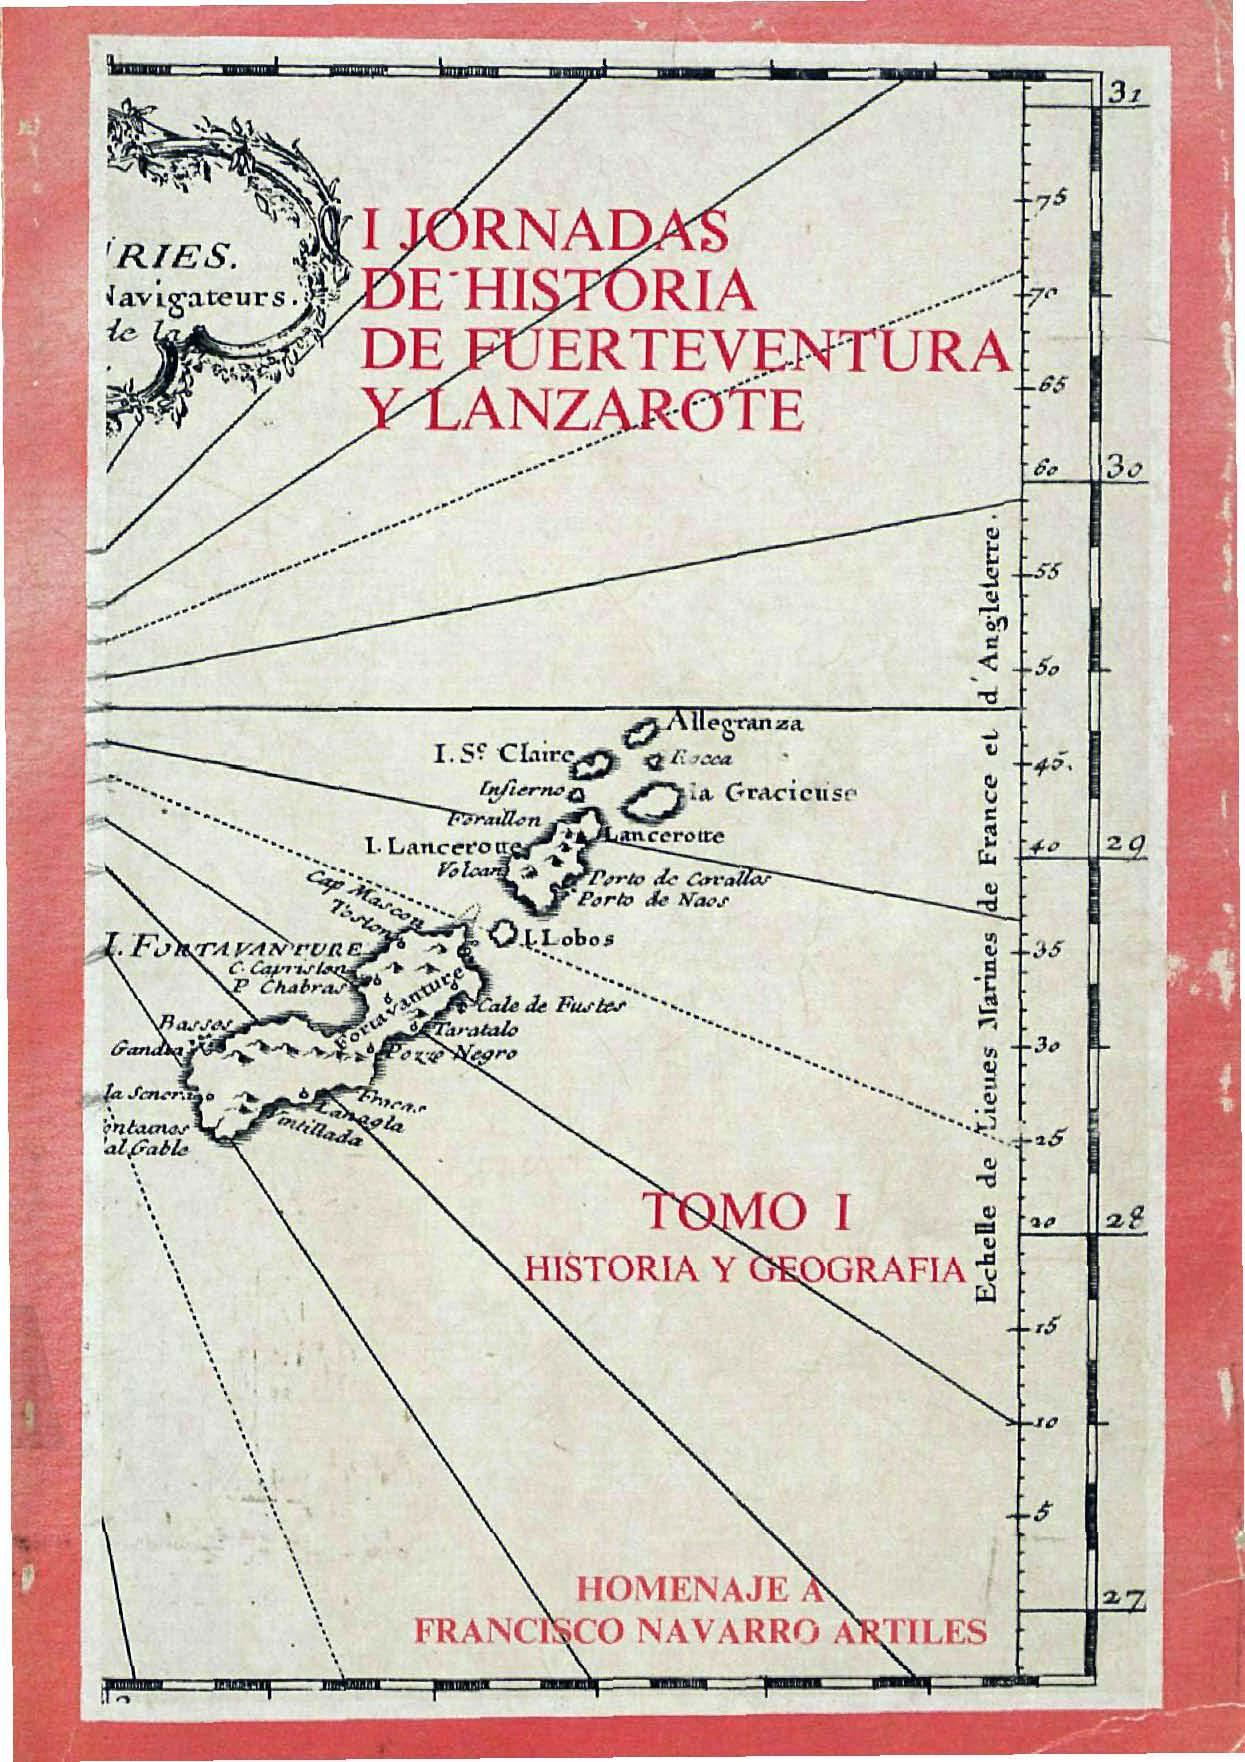 Fuerteventura y Lanzarote: Sondeo en una crisis (1875-1884)